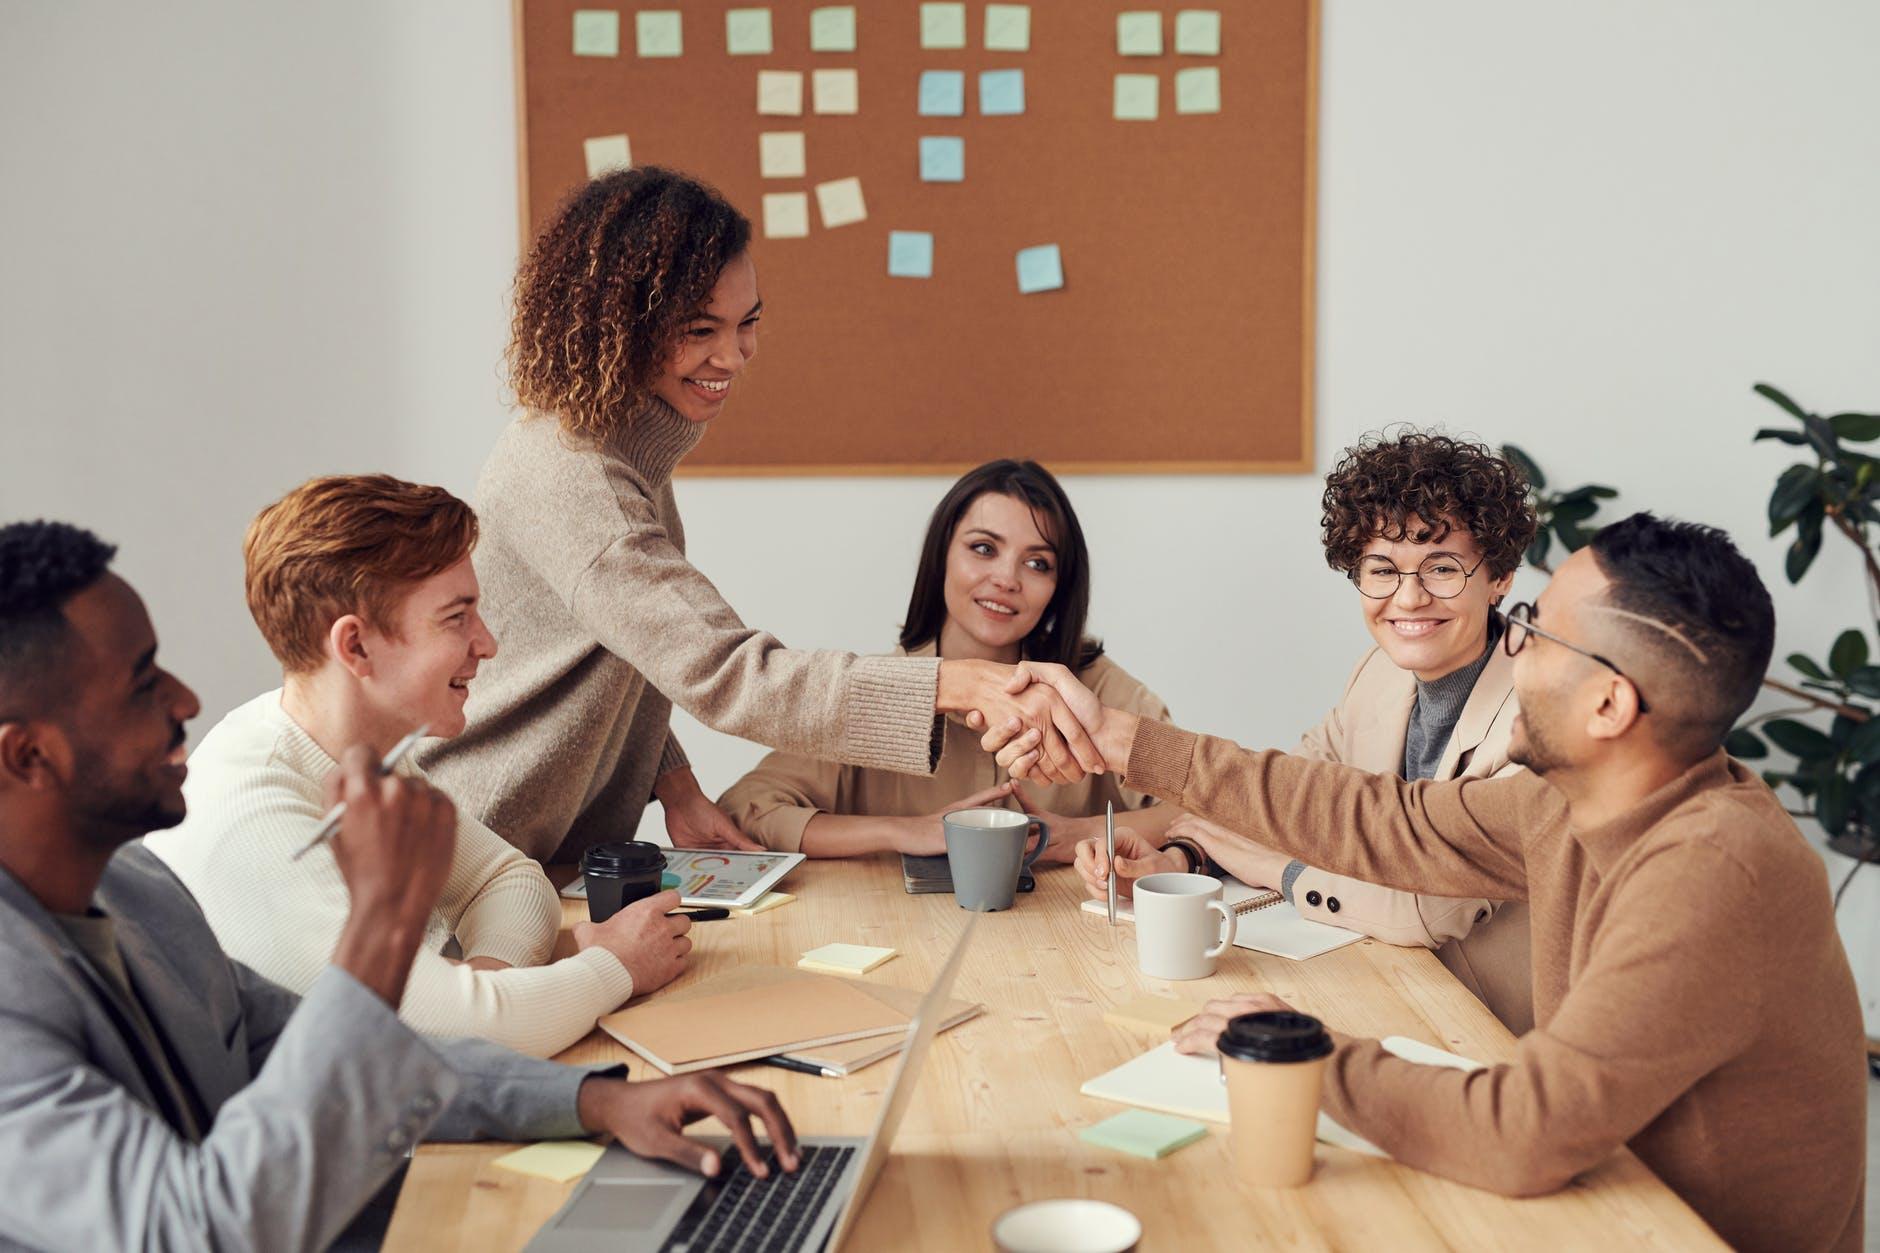 Kỹ năng tôn trọng người khác trong Teamwork là gì?